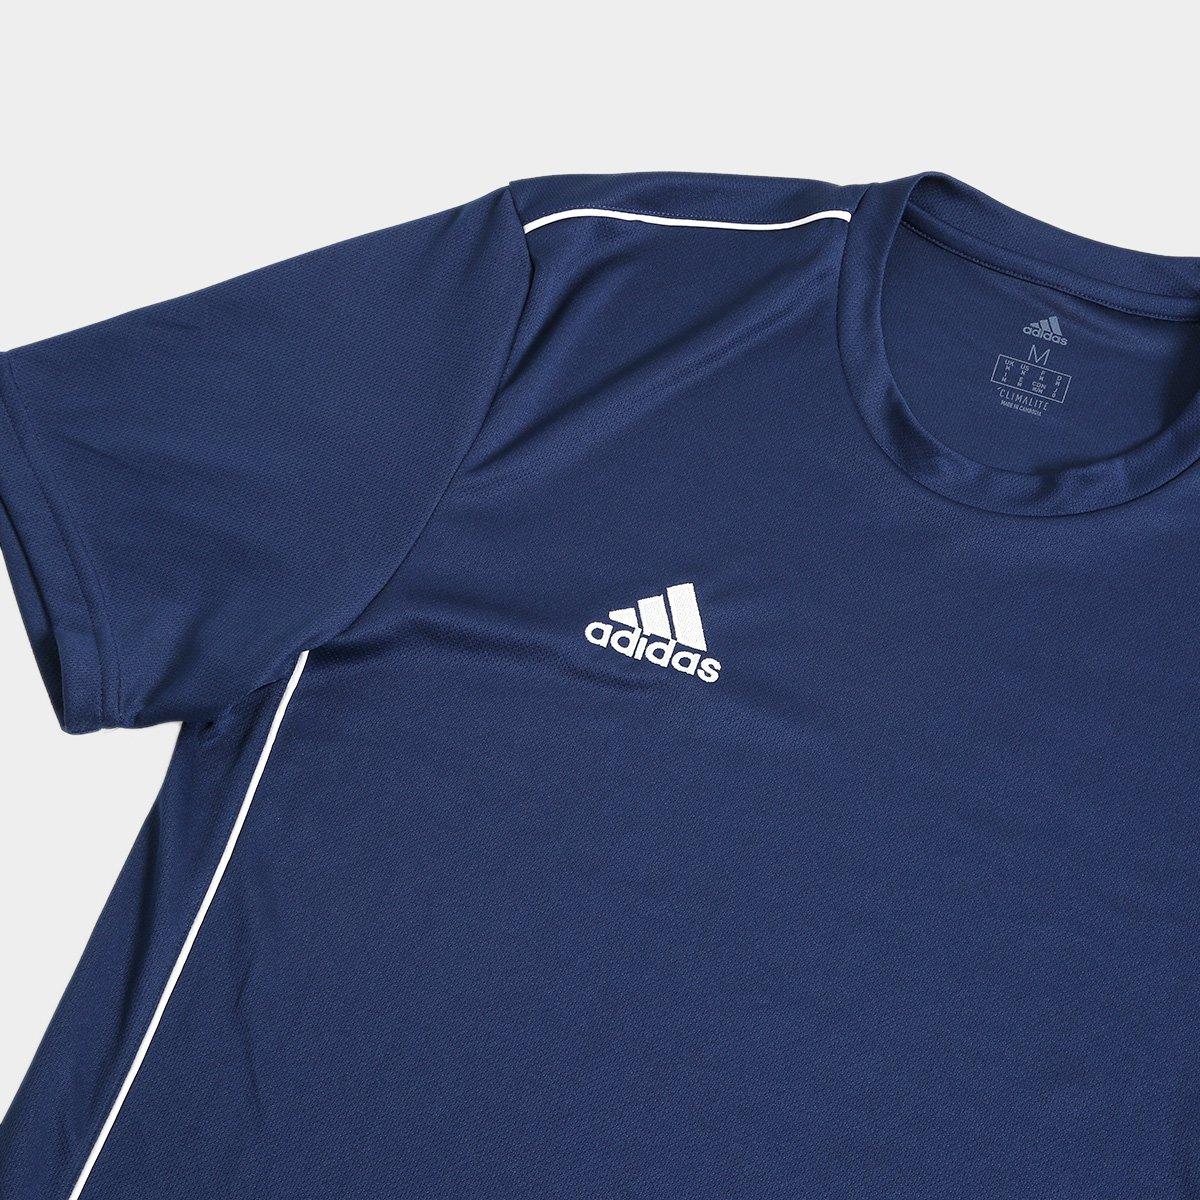 Camiseta Adidas Core 18 Masculina - Marinho e Branco - Compre Agora ... fcd20f3a8f9